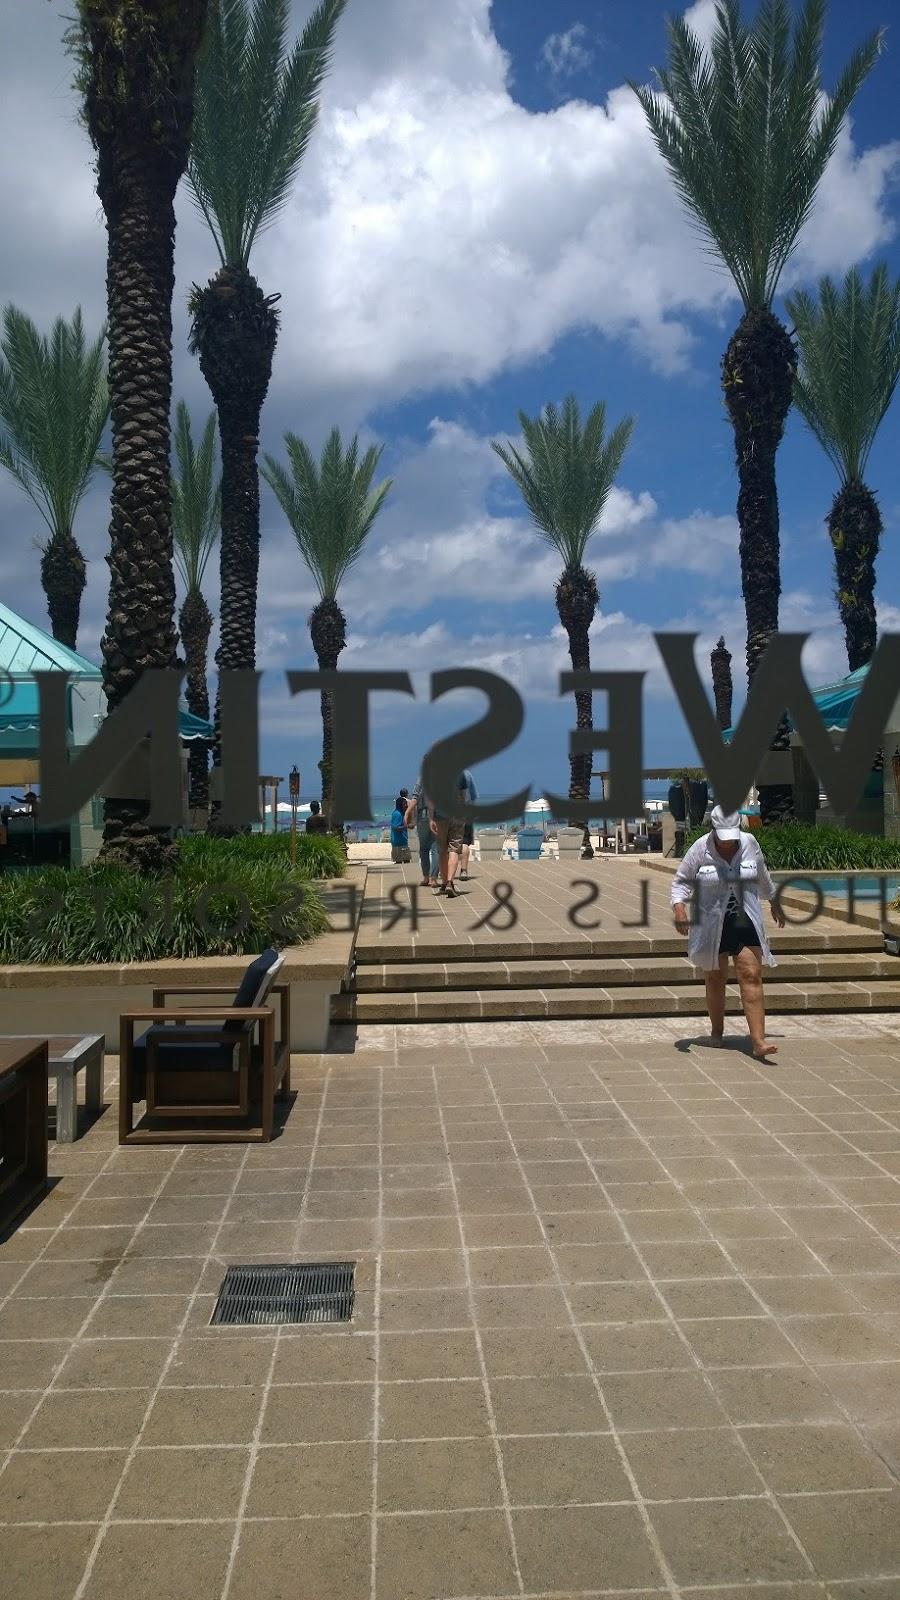 Avonturen vanuit ons hoekje van de wereld: Dag 1 en 2 Grand Cayman